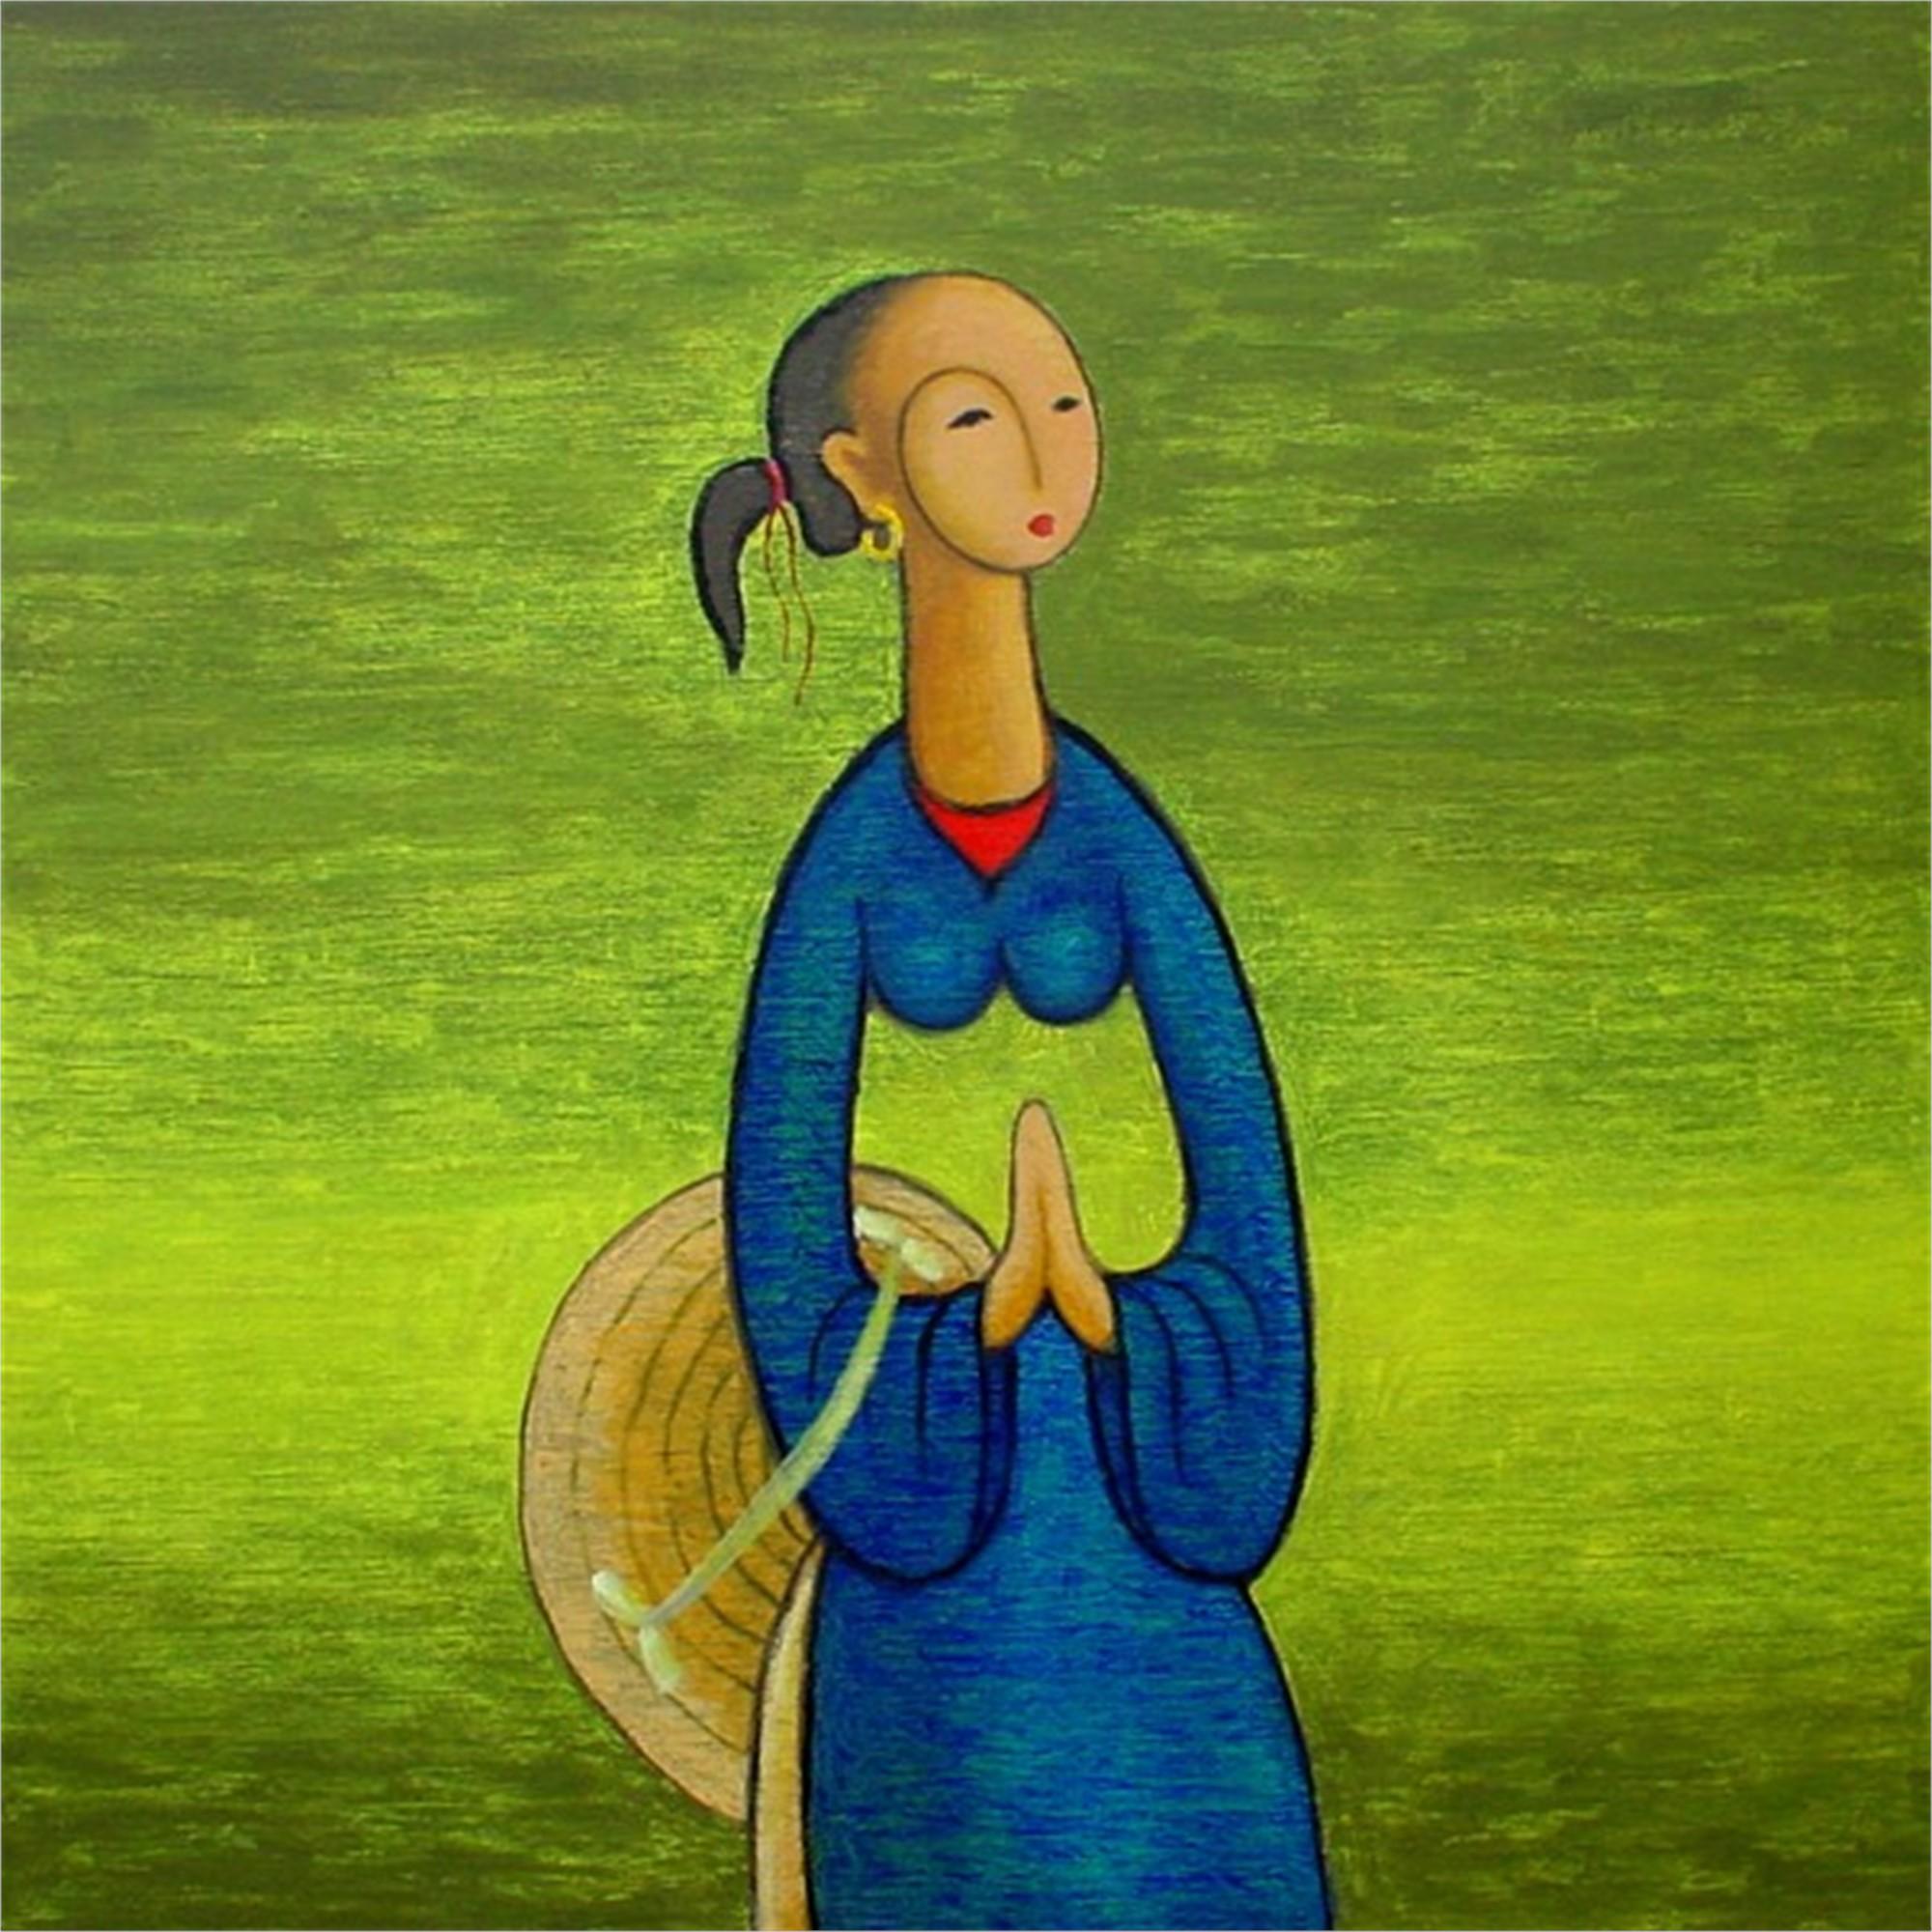 Vietnamese Girl by Tu Duy